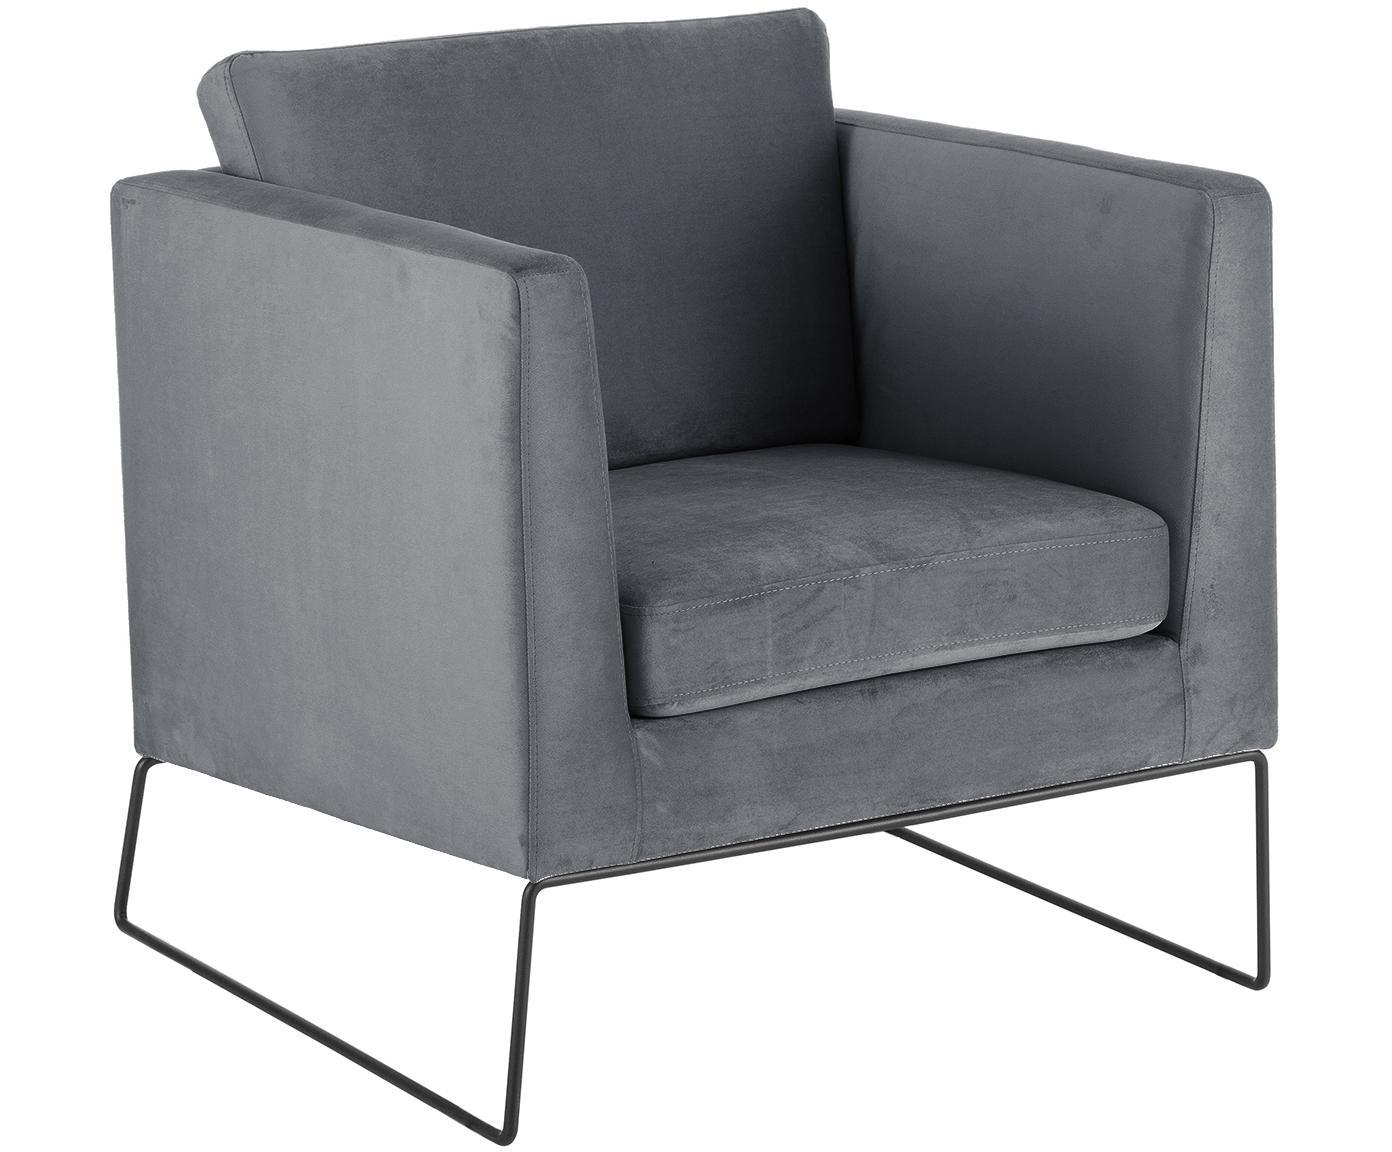 Fluwelen fauteuil Milo, Bekleding: fluweel (hoogwaardig poly, Frame: grenenhout, Poten: gelakt metaal, Grijs, 77 x 75 cm